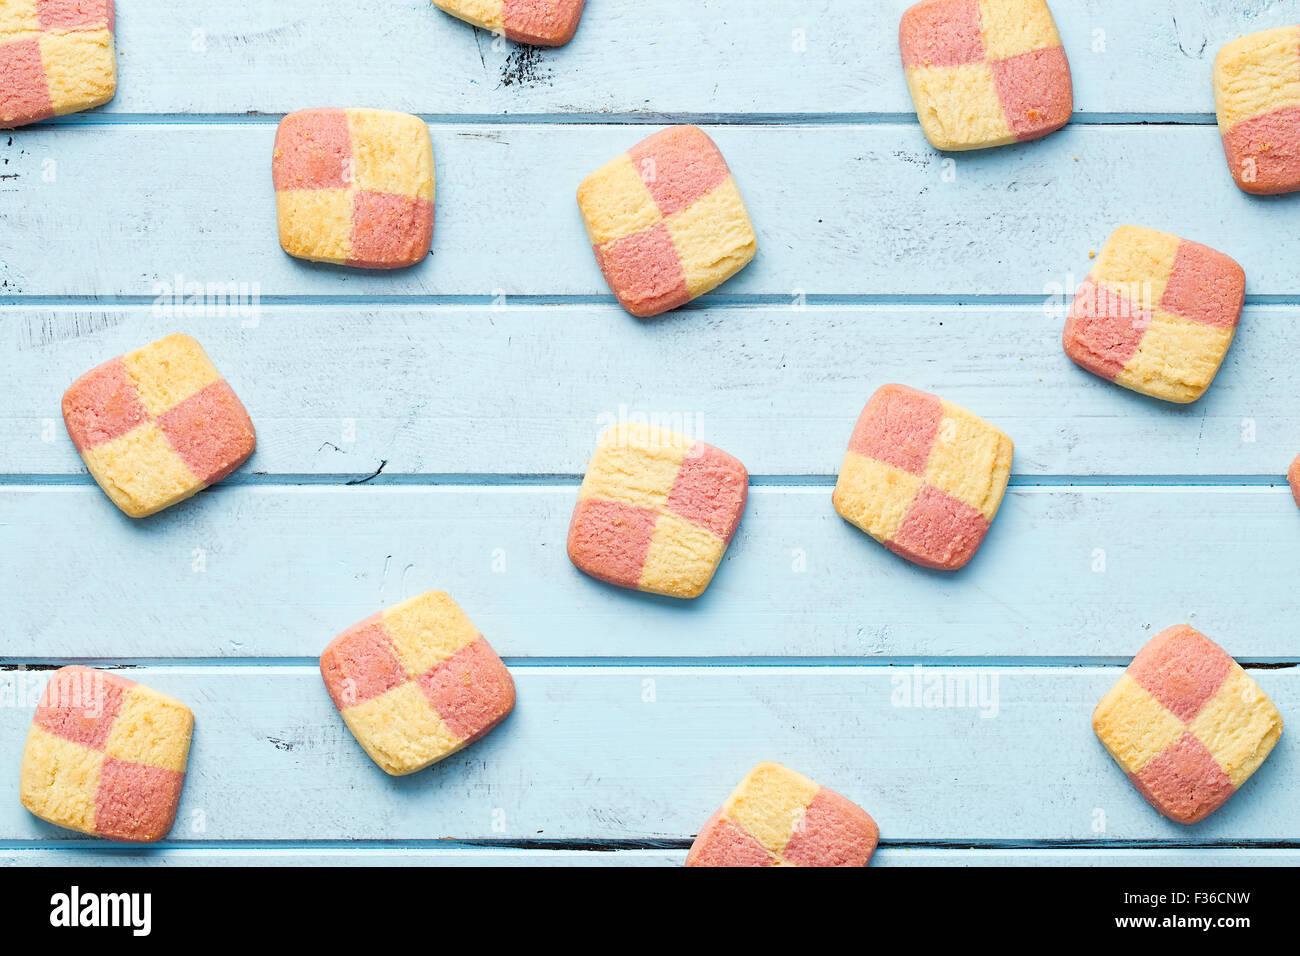 Galletas de Mantequilla de colores en el cuadro azul Imagen De Stock